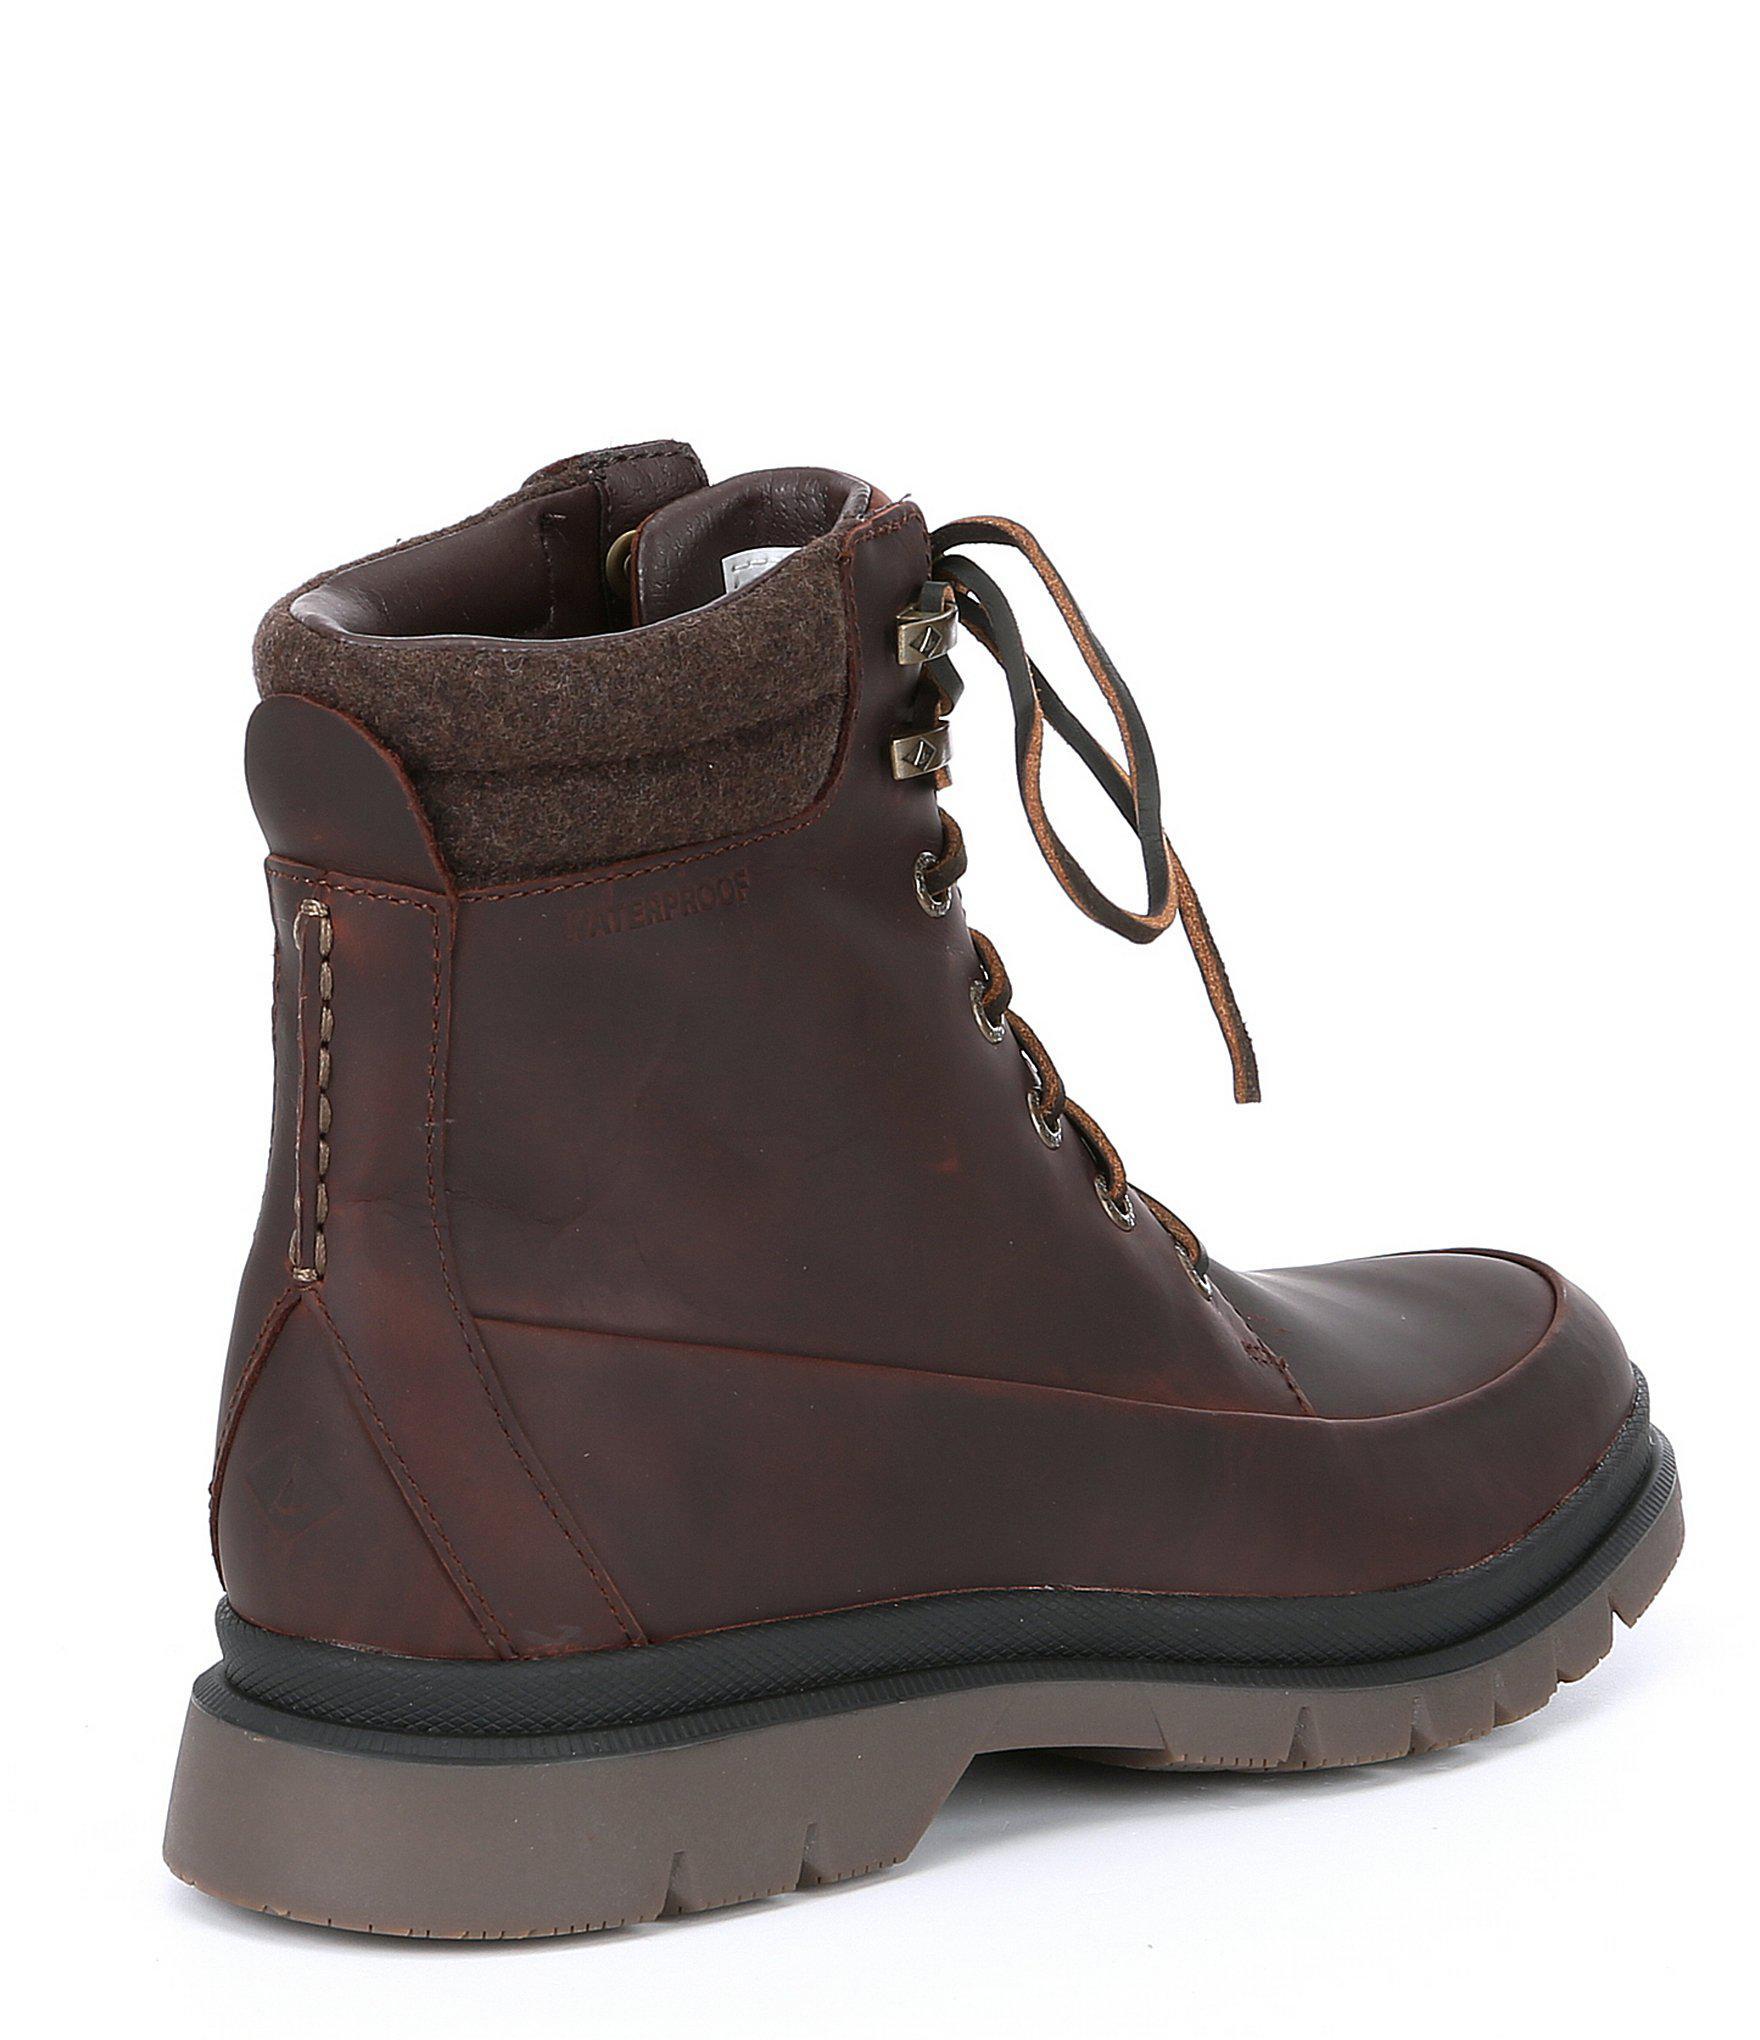 Waterproof Boot in Brown for Men